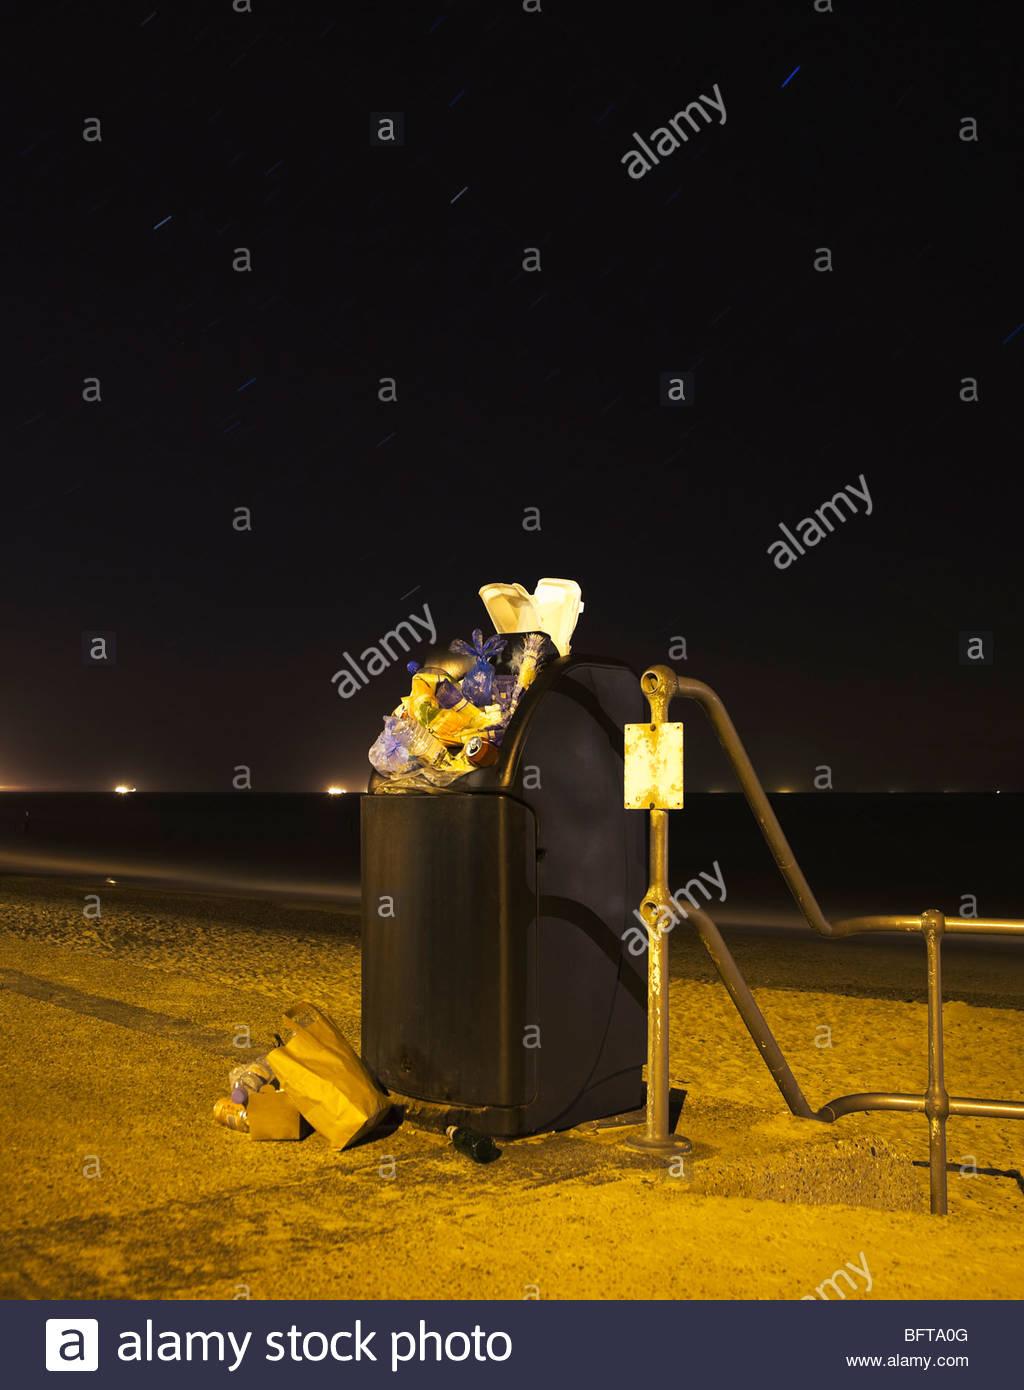 Public bin at night - Stock Image